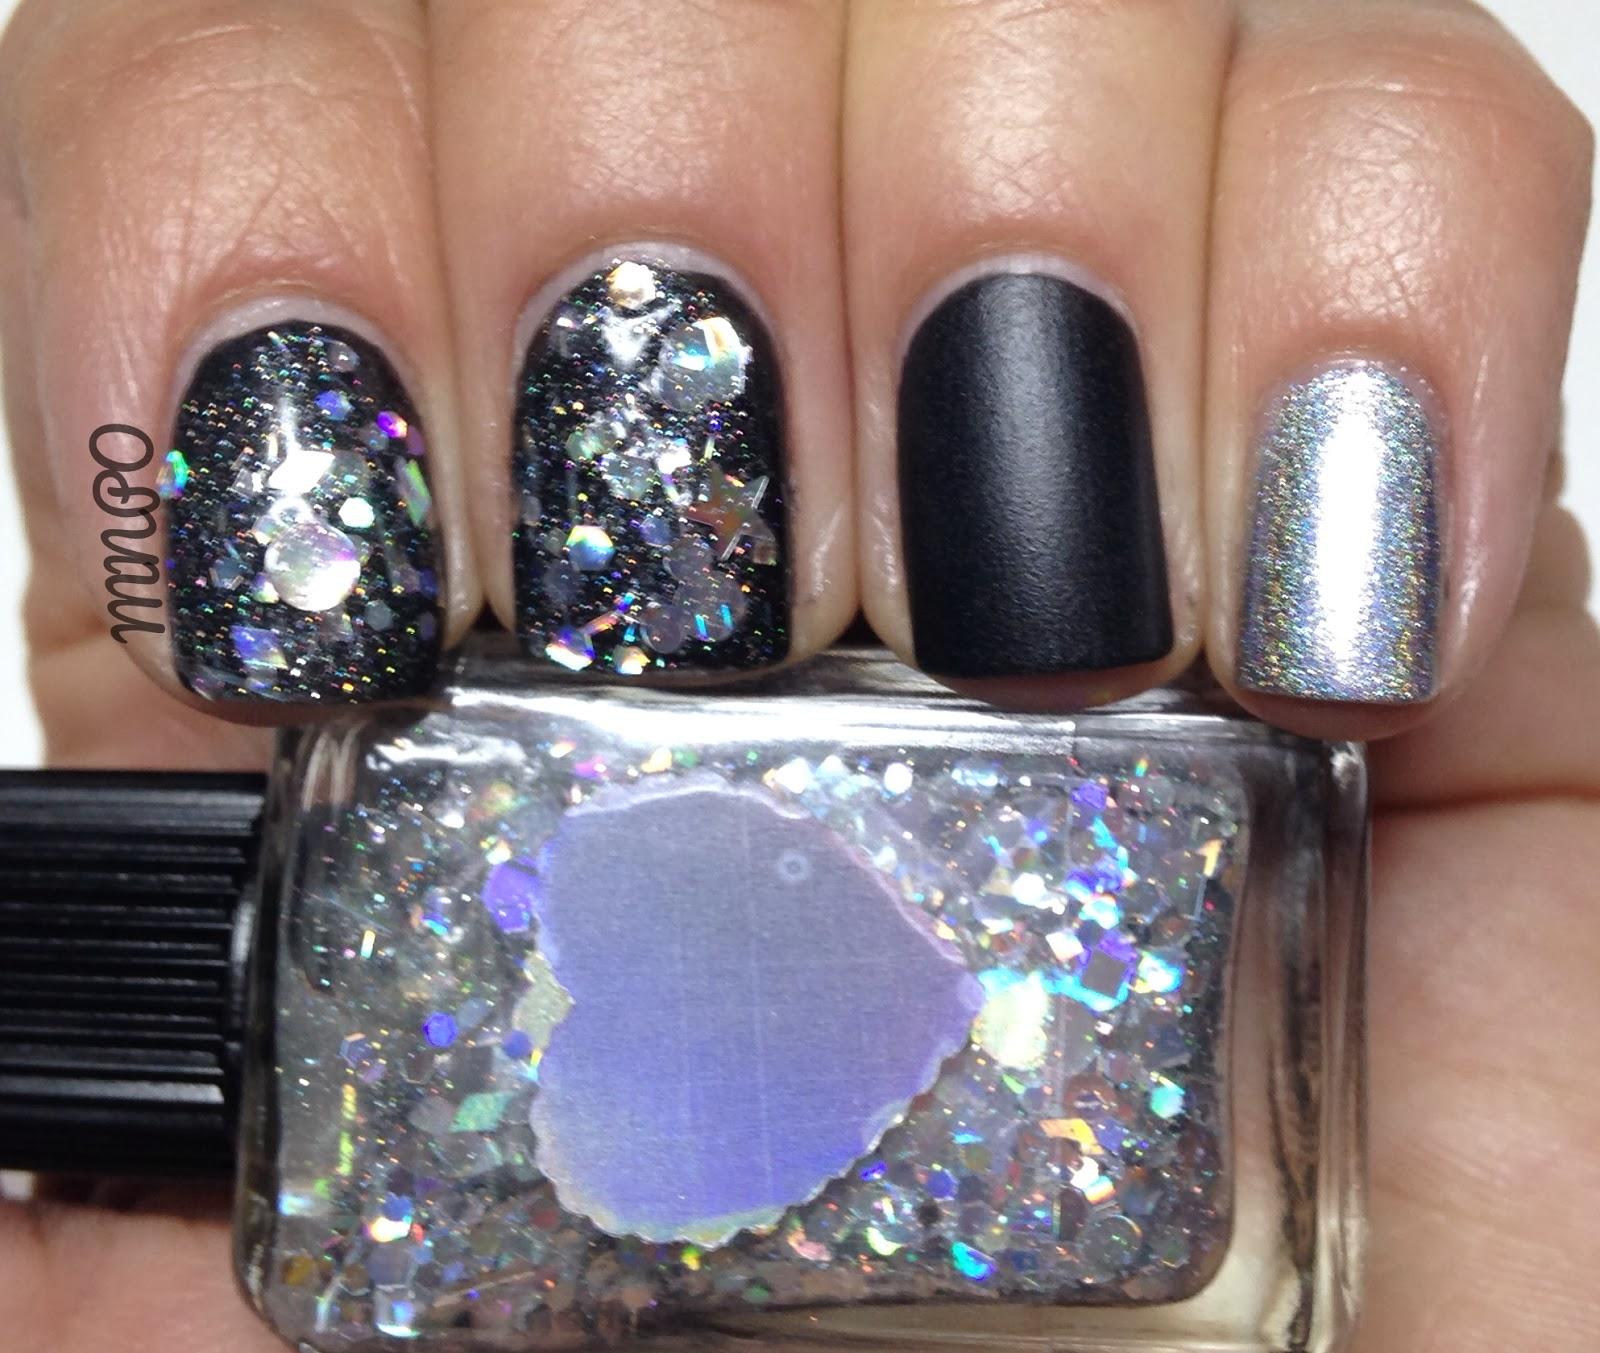 New Years Nail Polish: My Nail Polish Obsession: New Years Eve Nails